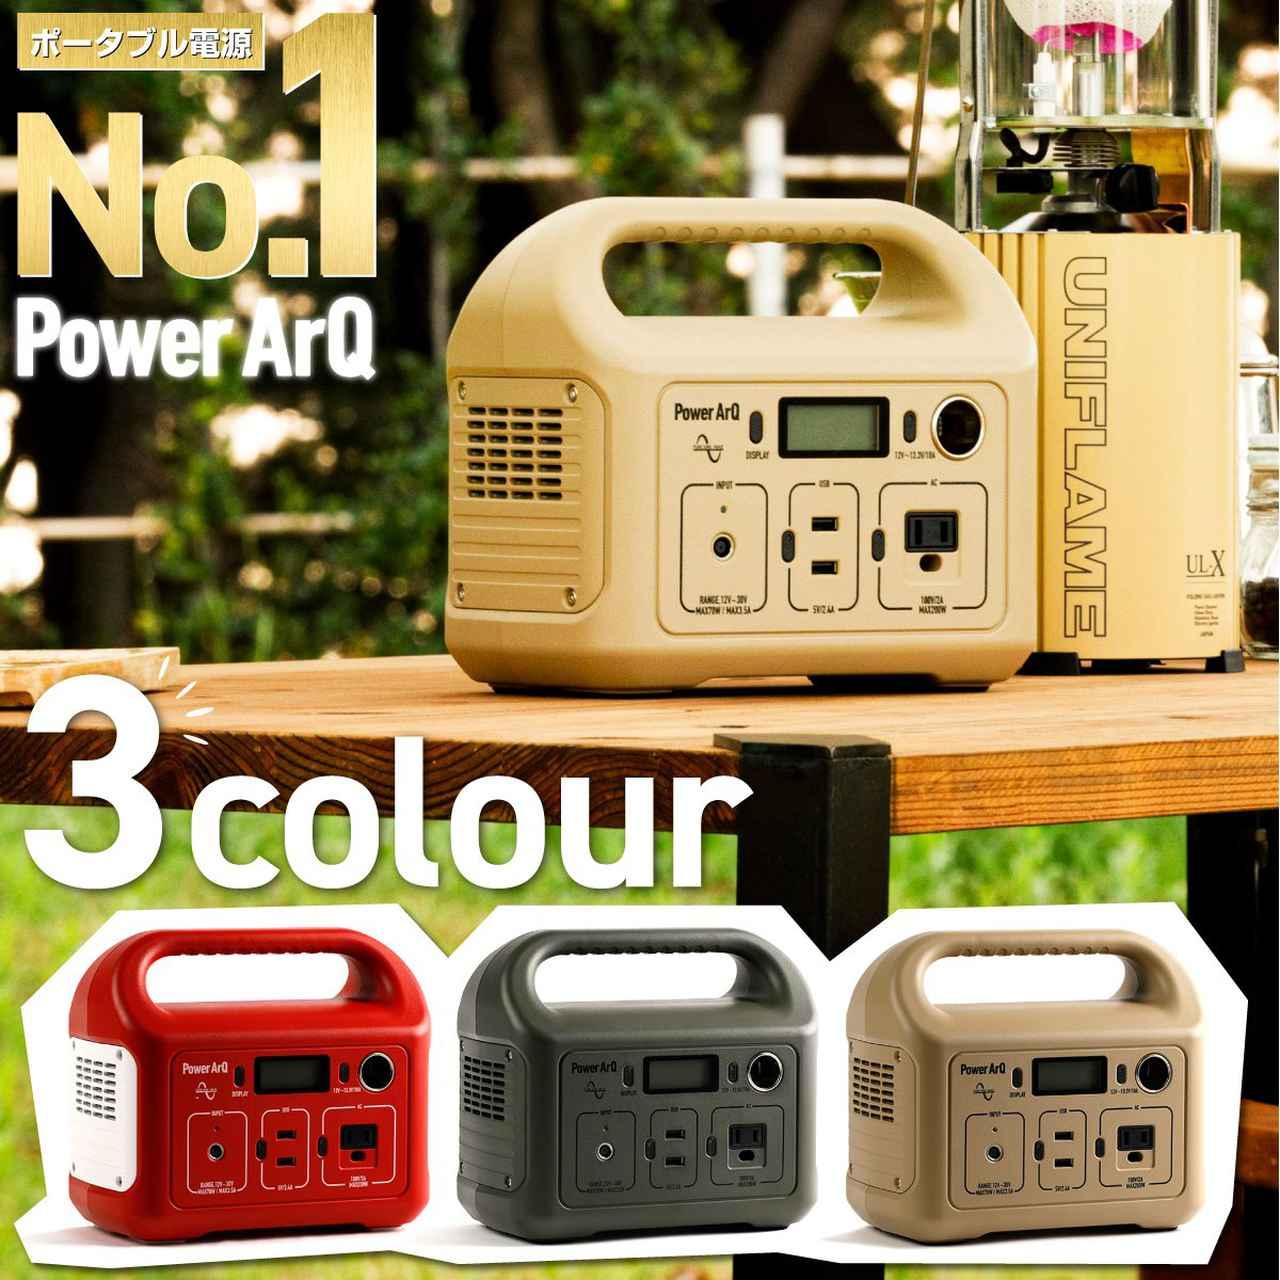 画像: PowerArQ mini ポータブル電源 311Wh Smart Tap